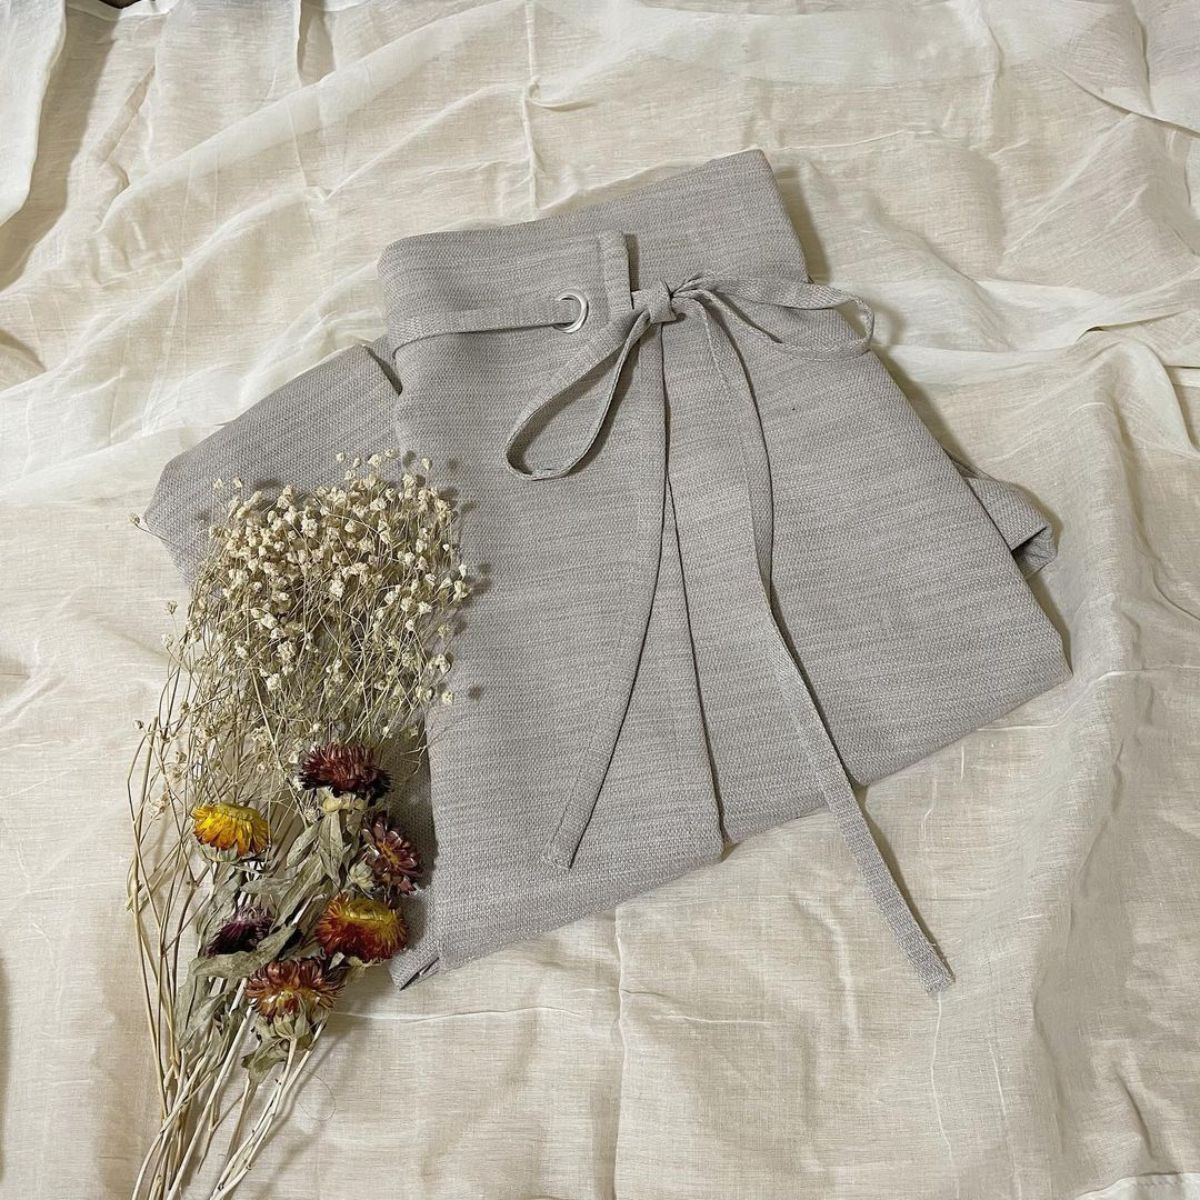 【GU】韓国っぽくてかわいいと話題沸騰中。細見えする「ラップナロースカート」で春のおしゃれコーデを